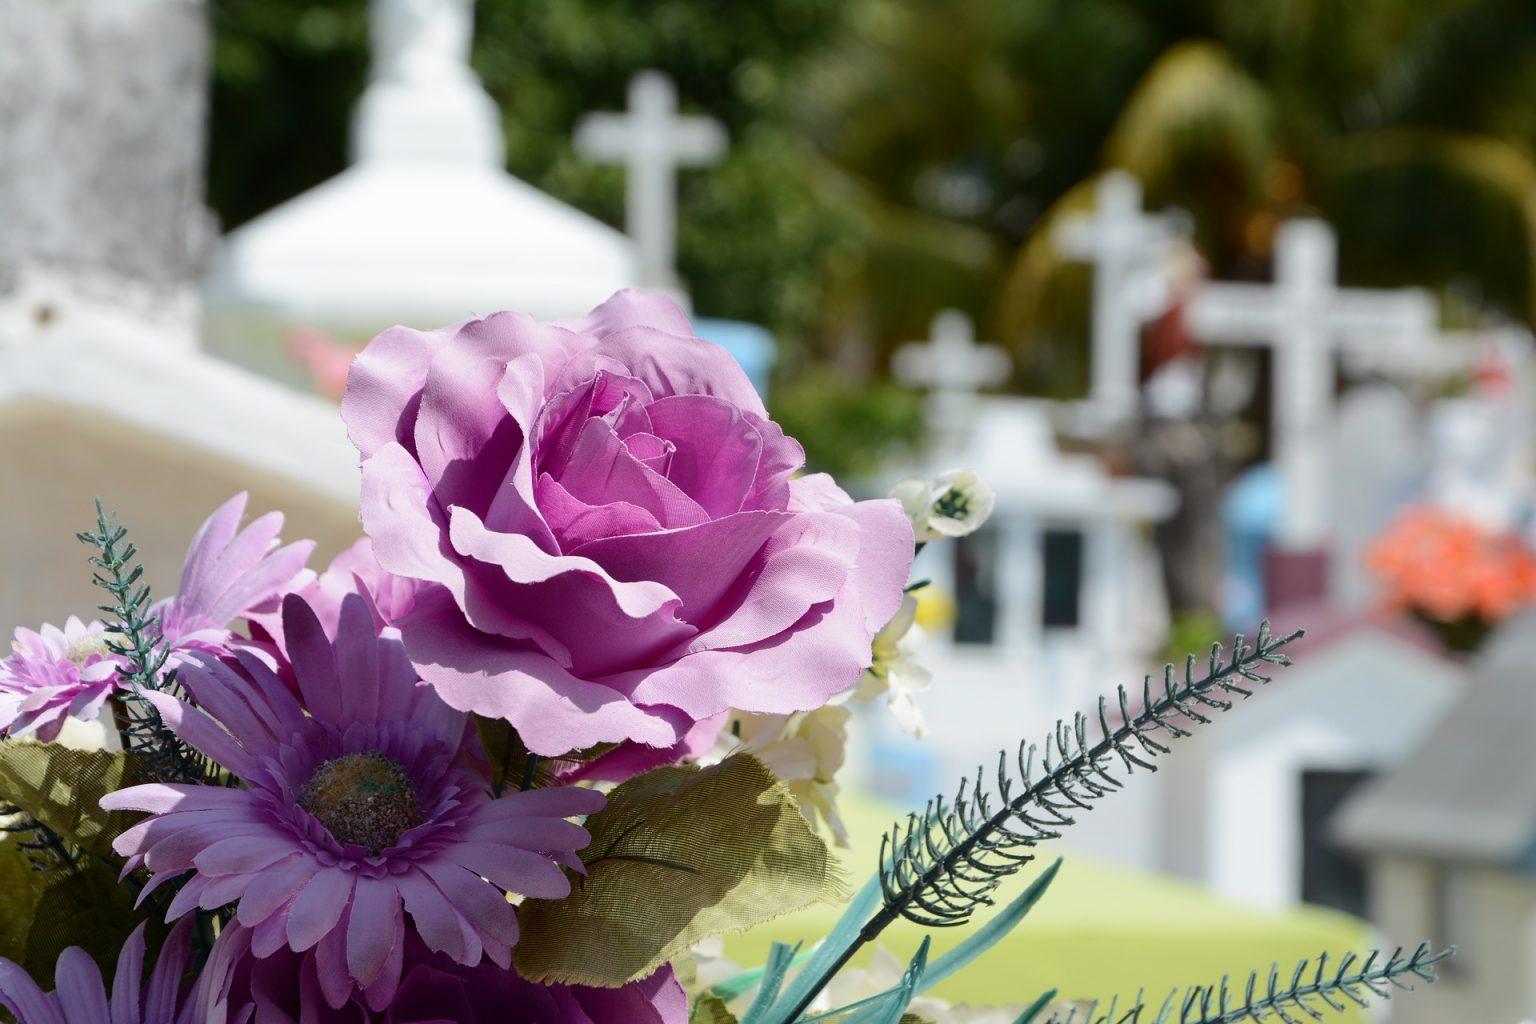 agenzia funebre pax srls calafiore rosario